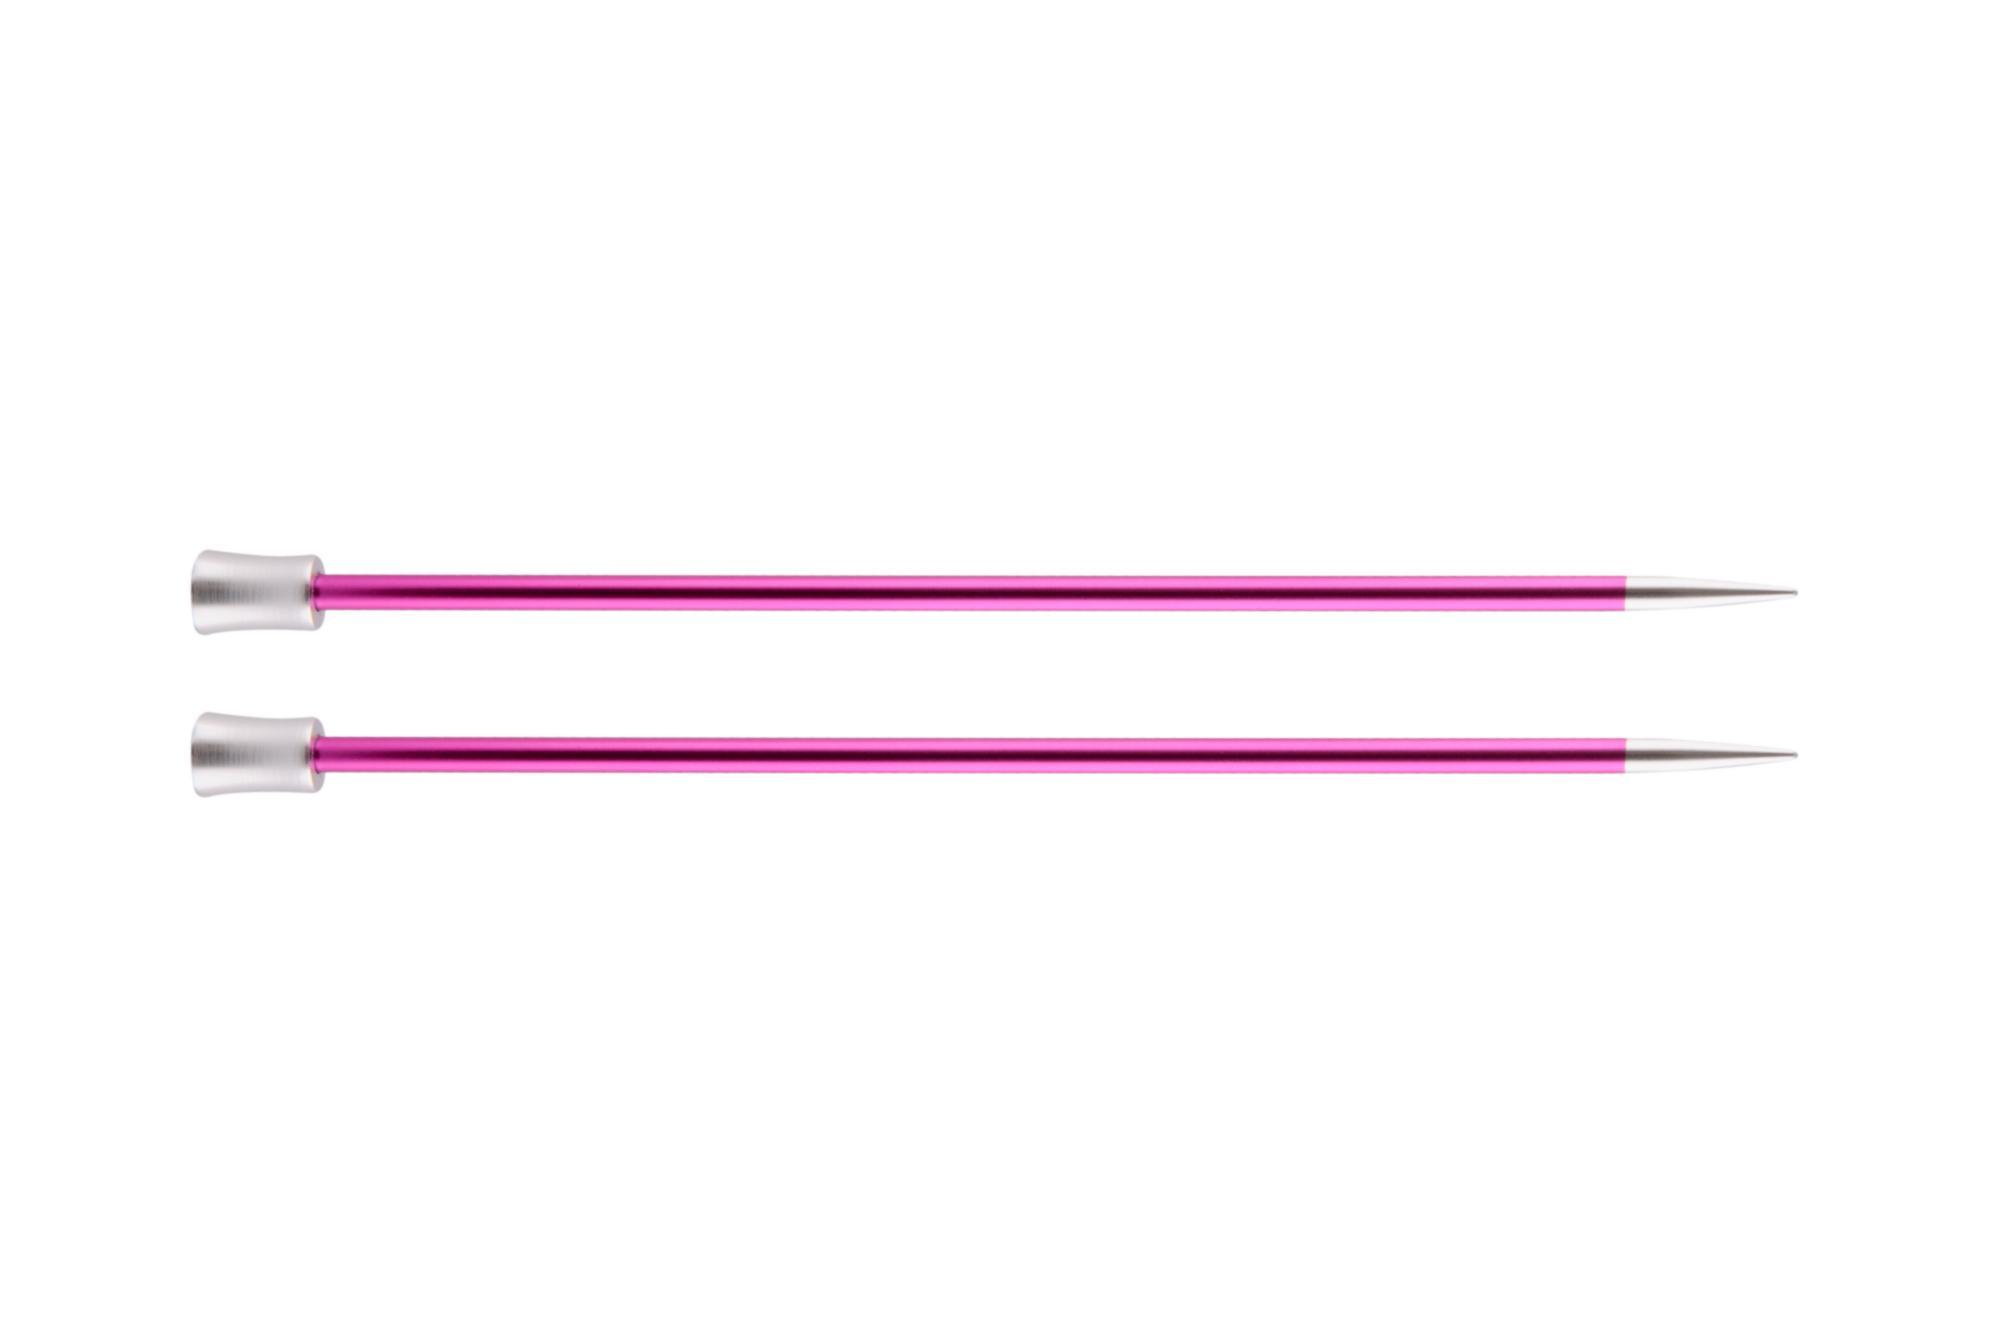 Спицы прямые 35 см Zing KnitPro, 47301, 5.00 мм